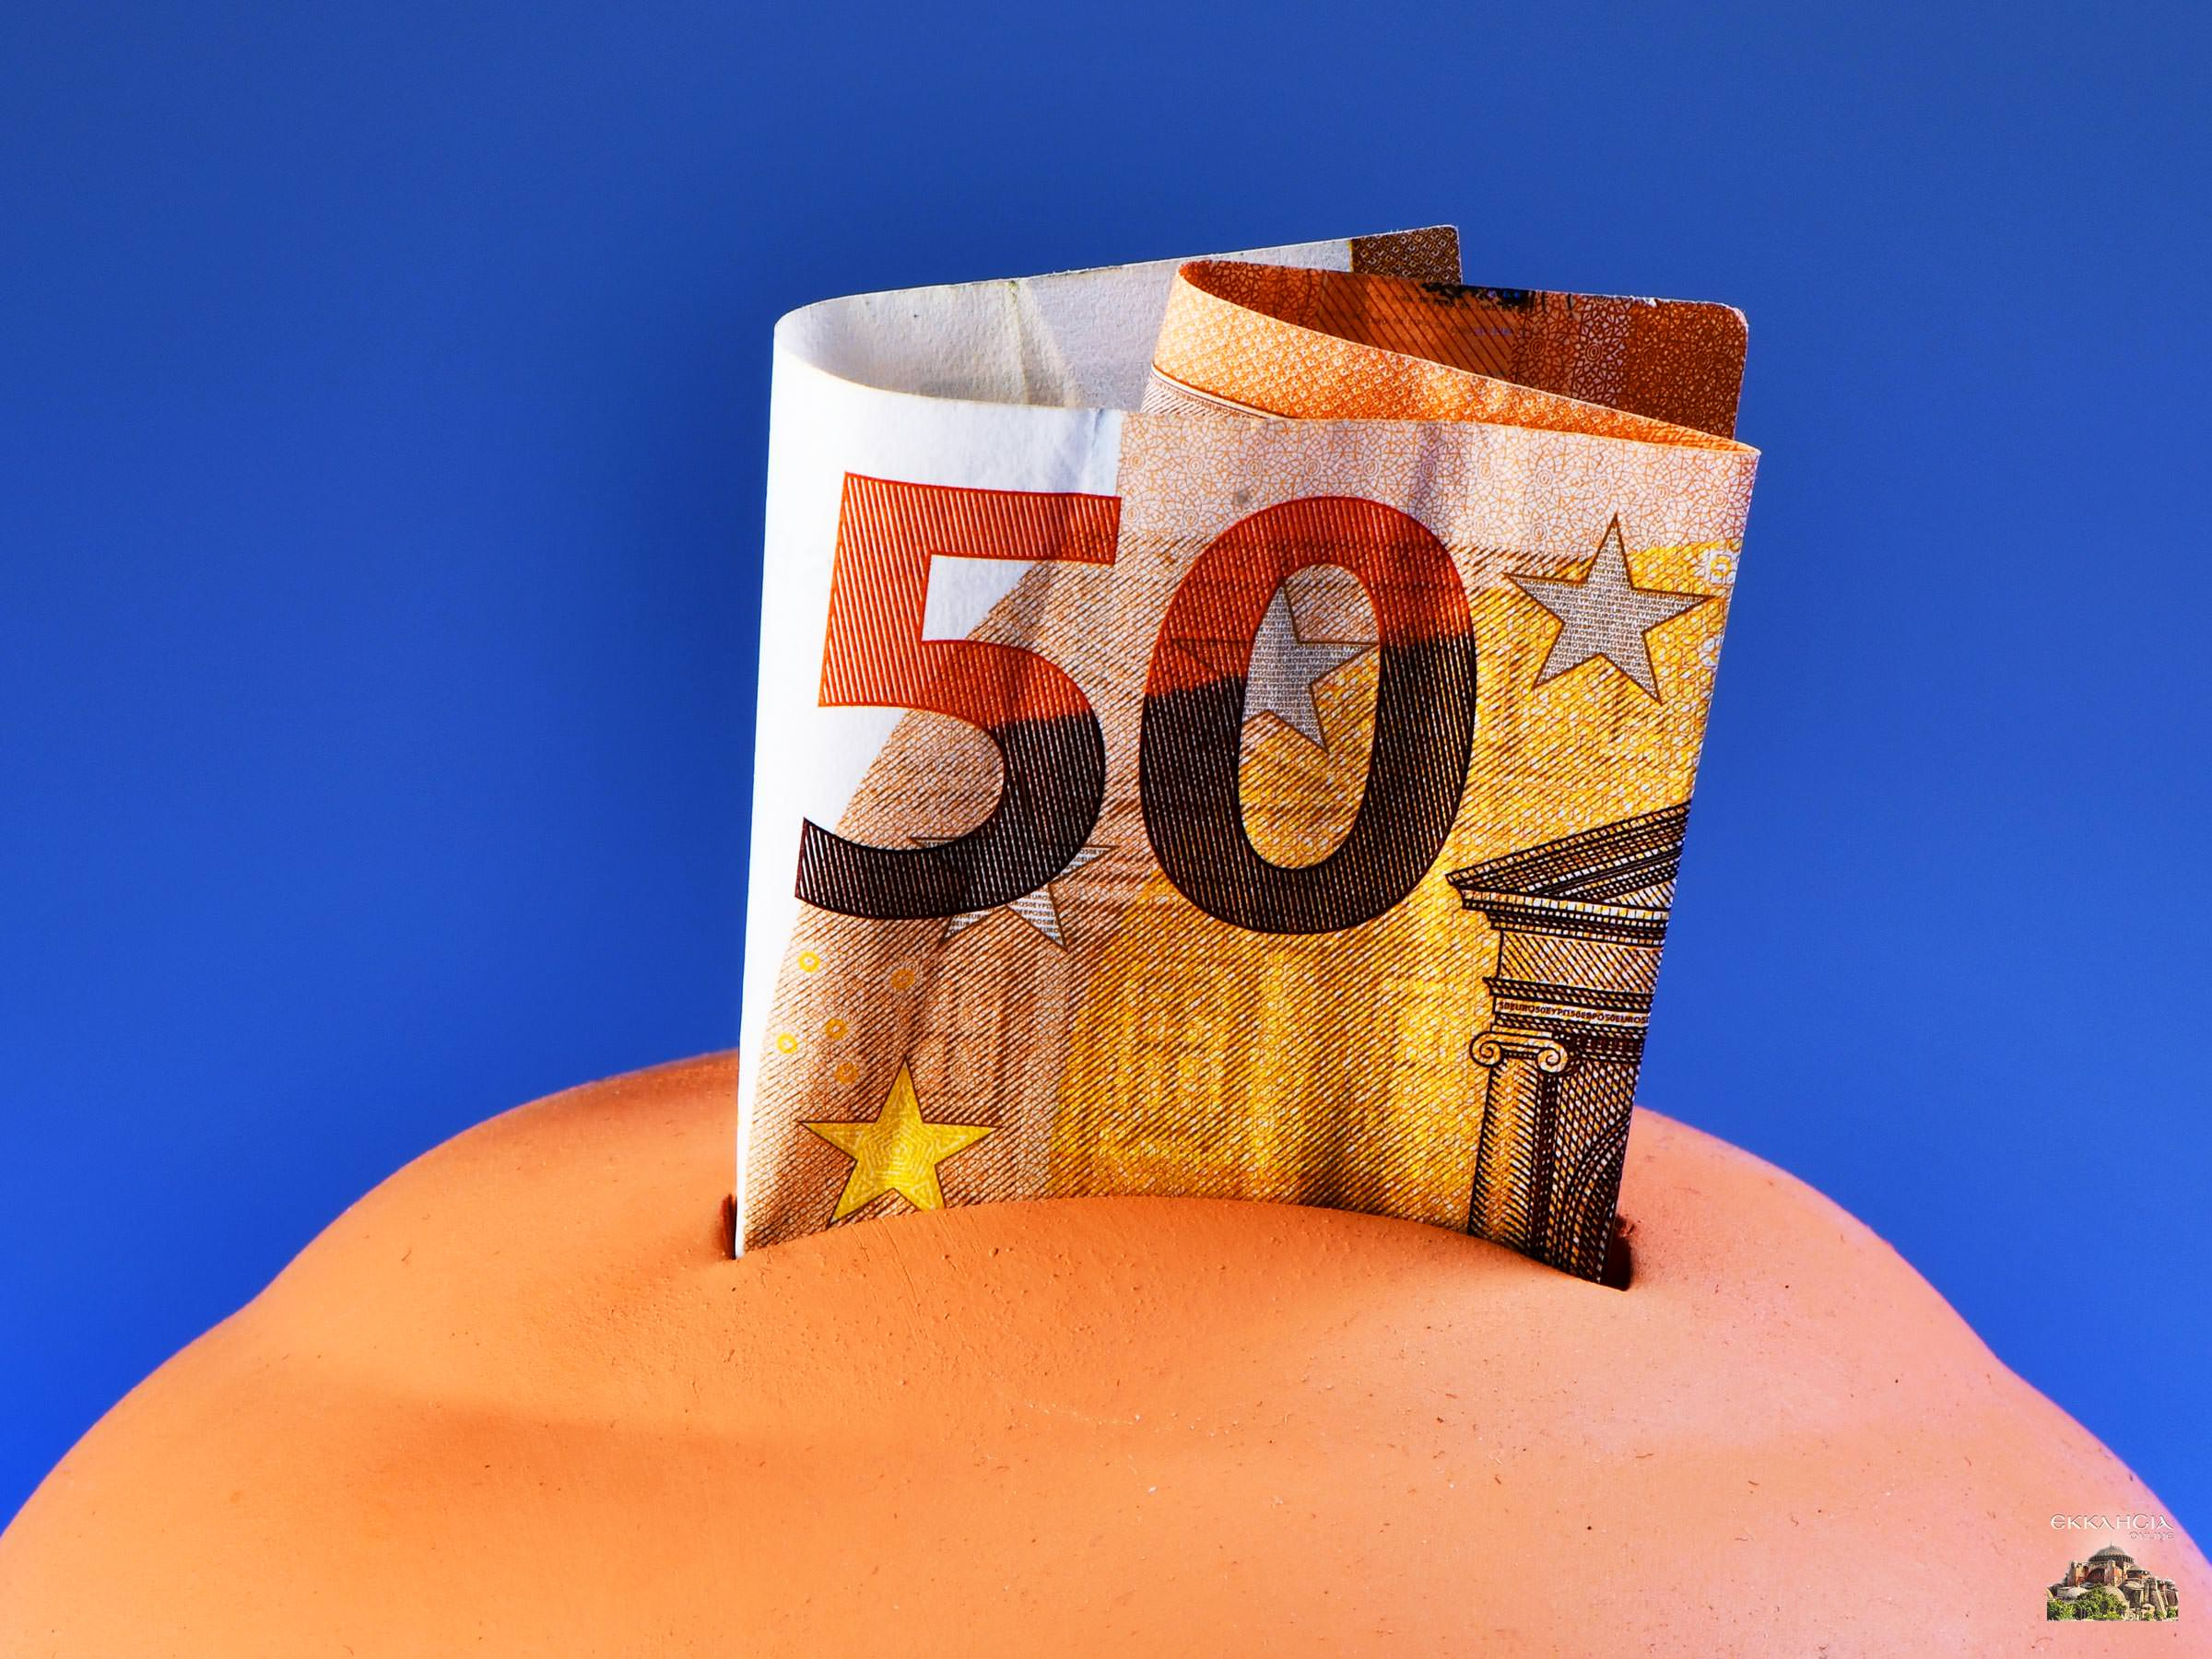 επιδόματα χρήματα πληρωμή συντάξεων ευρώ